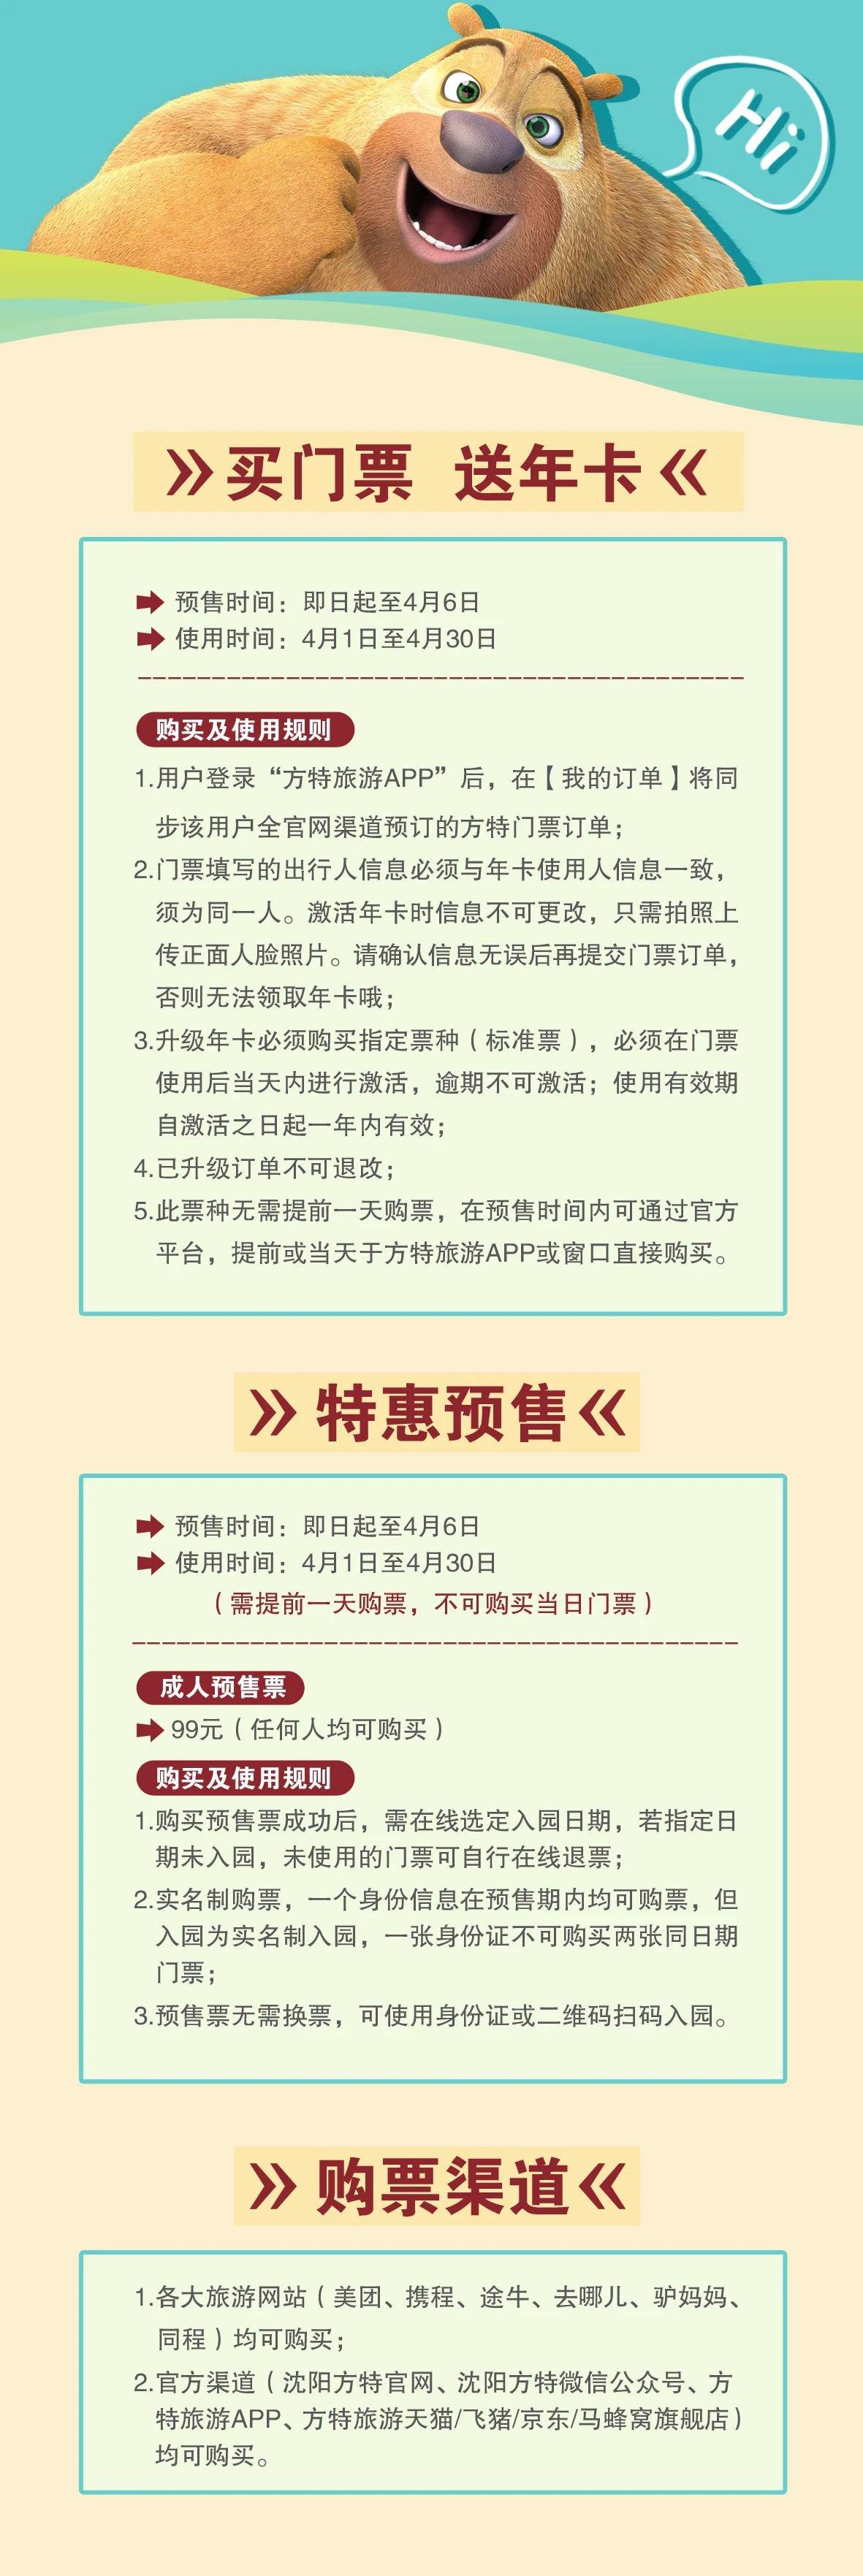 2020沈阳方特欢乐世界4月1日恢复营业 买门票送年卡